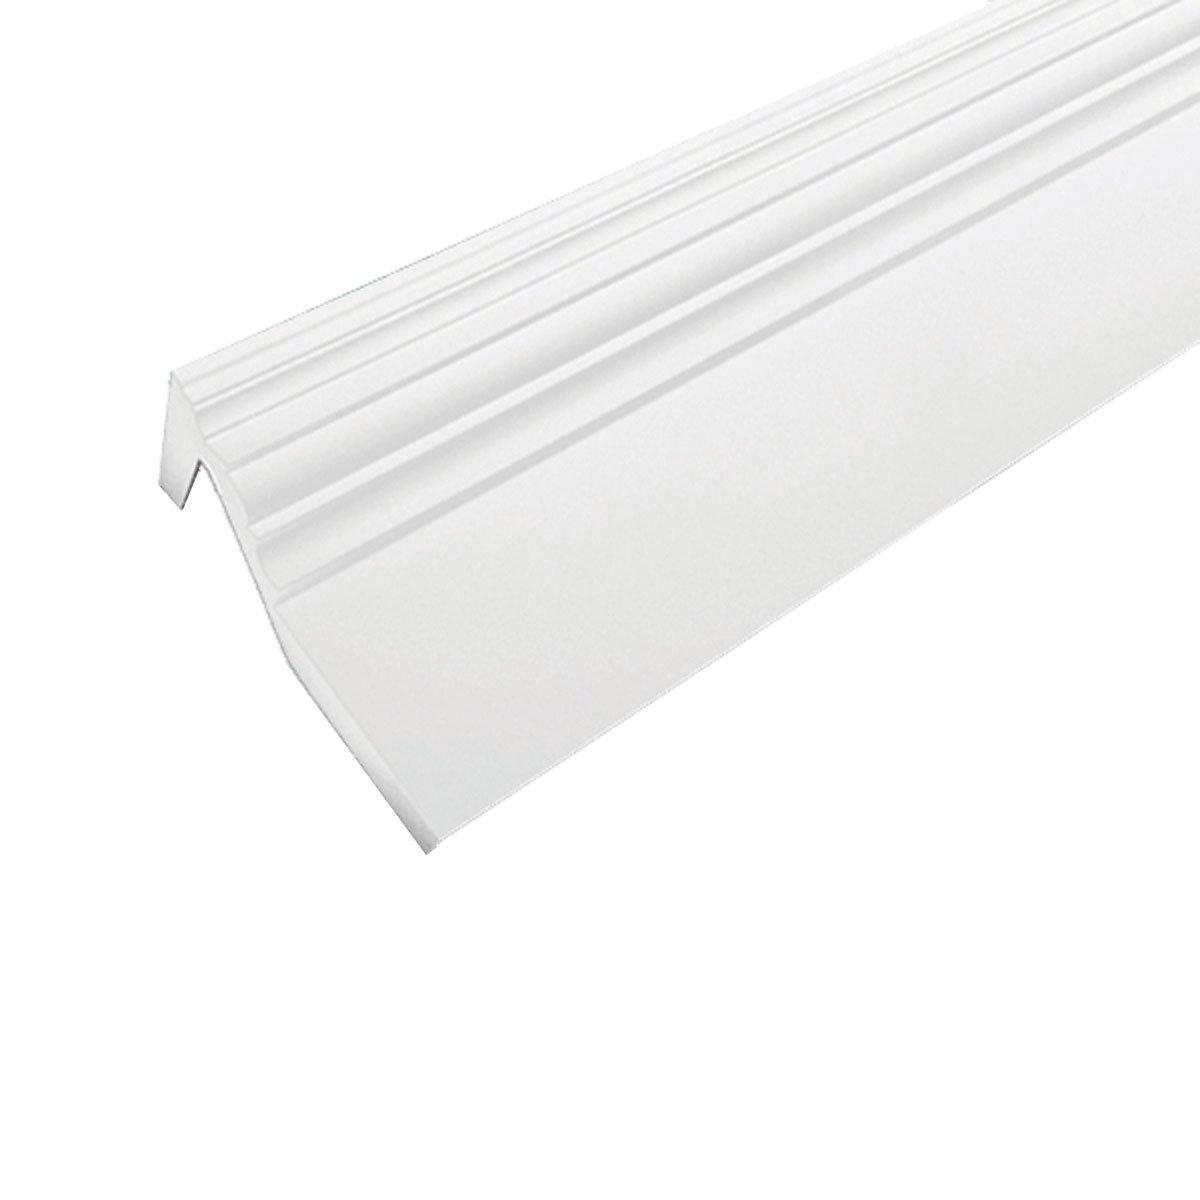 8 1/4''H x 3 5/8''P, 12' Length, Door/Window Moulding